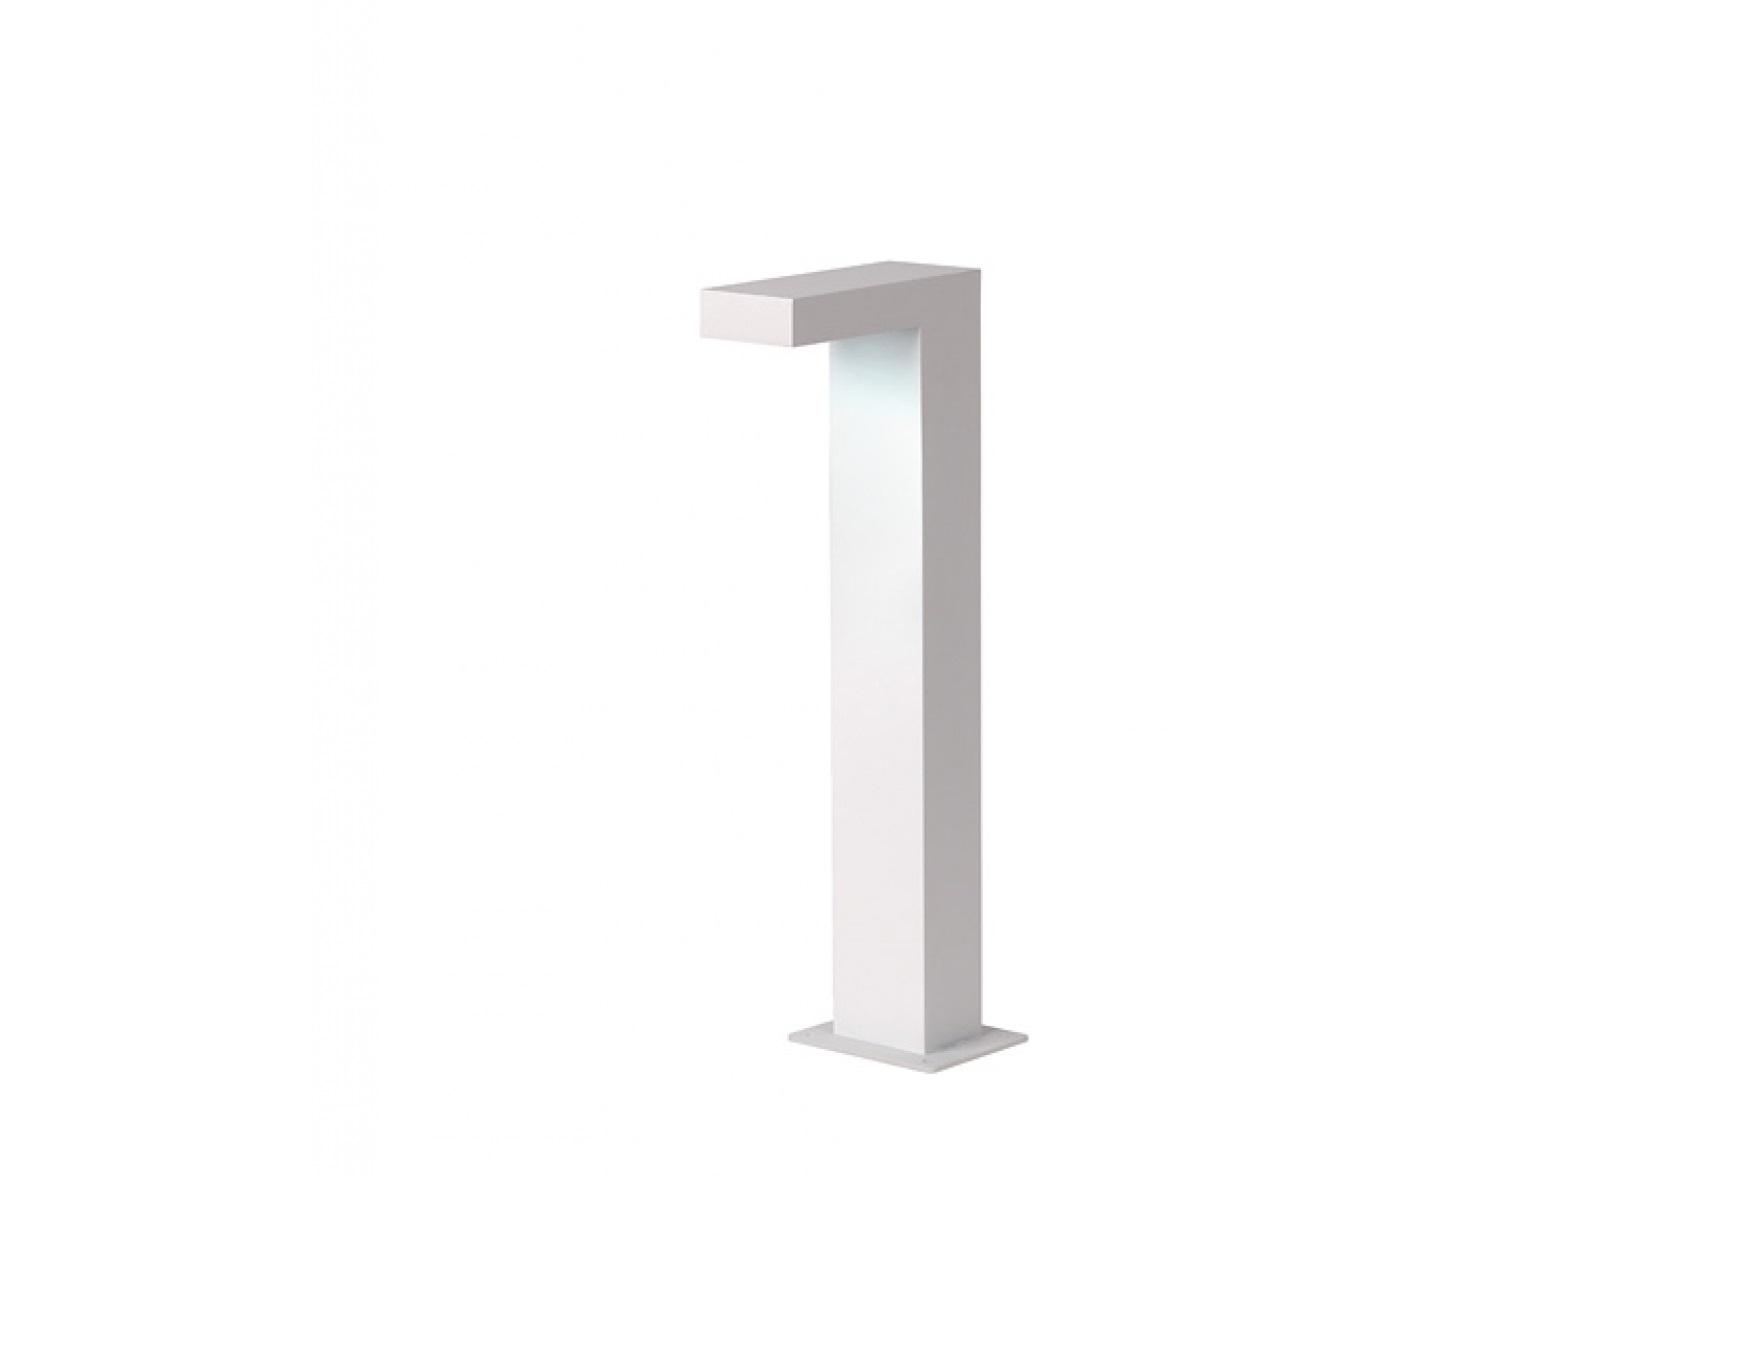 Столб TEXASУличные наземные светильники<br>&amp;lt;span style=&amp;quot;line-height: 24.9999px;&amp;quot;&amp;gt;Цоколь LED,&amp;amp;nbsp;&amp;lt;/span&amp;gt;&amp;lt;div style=&amp;quot;line-height: 24.9999px;&amp;quot;&amp;gt;Мощность 6W,&amp;amp;nbsp;&amp;lt;/div&amp;gt;&amp;lt;div style=&amp;quot;line-height: 24.9999px;&amp;quot;&amp;gt;Количество 1 лампочка (в комплекте)&amp;lt;/div&amp;gt;<br><br>Material: Металл<br>Ширина см: 17<br>Высота см: 40<br>Глубина см: 6